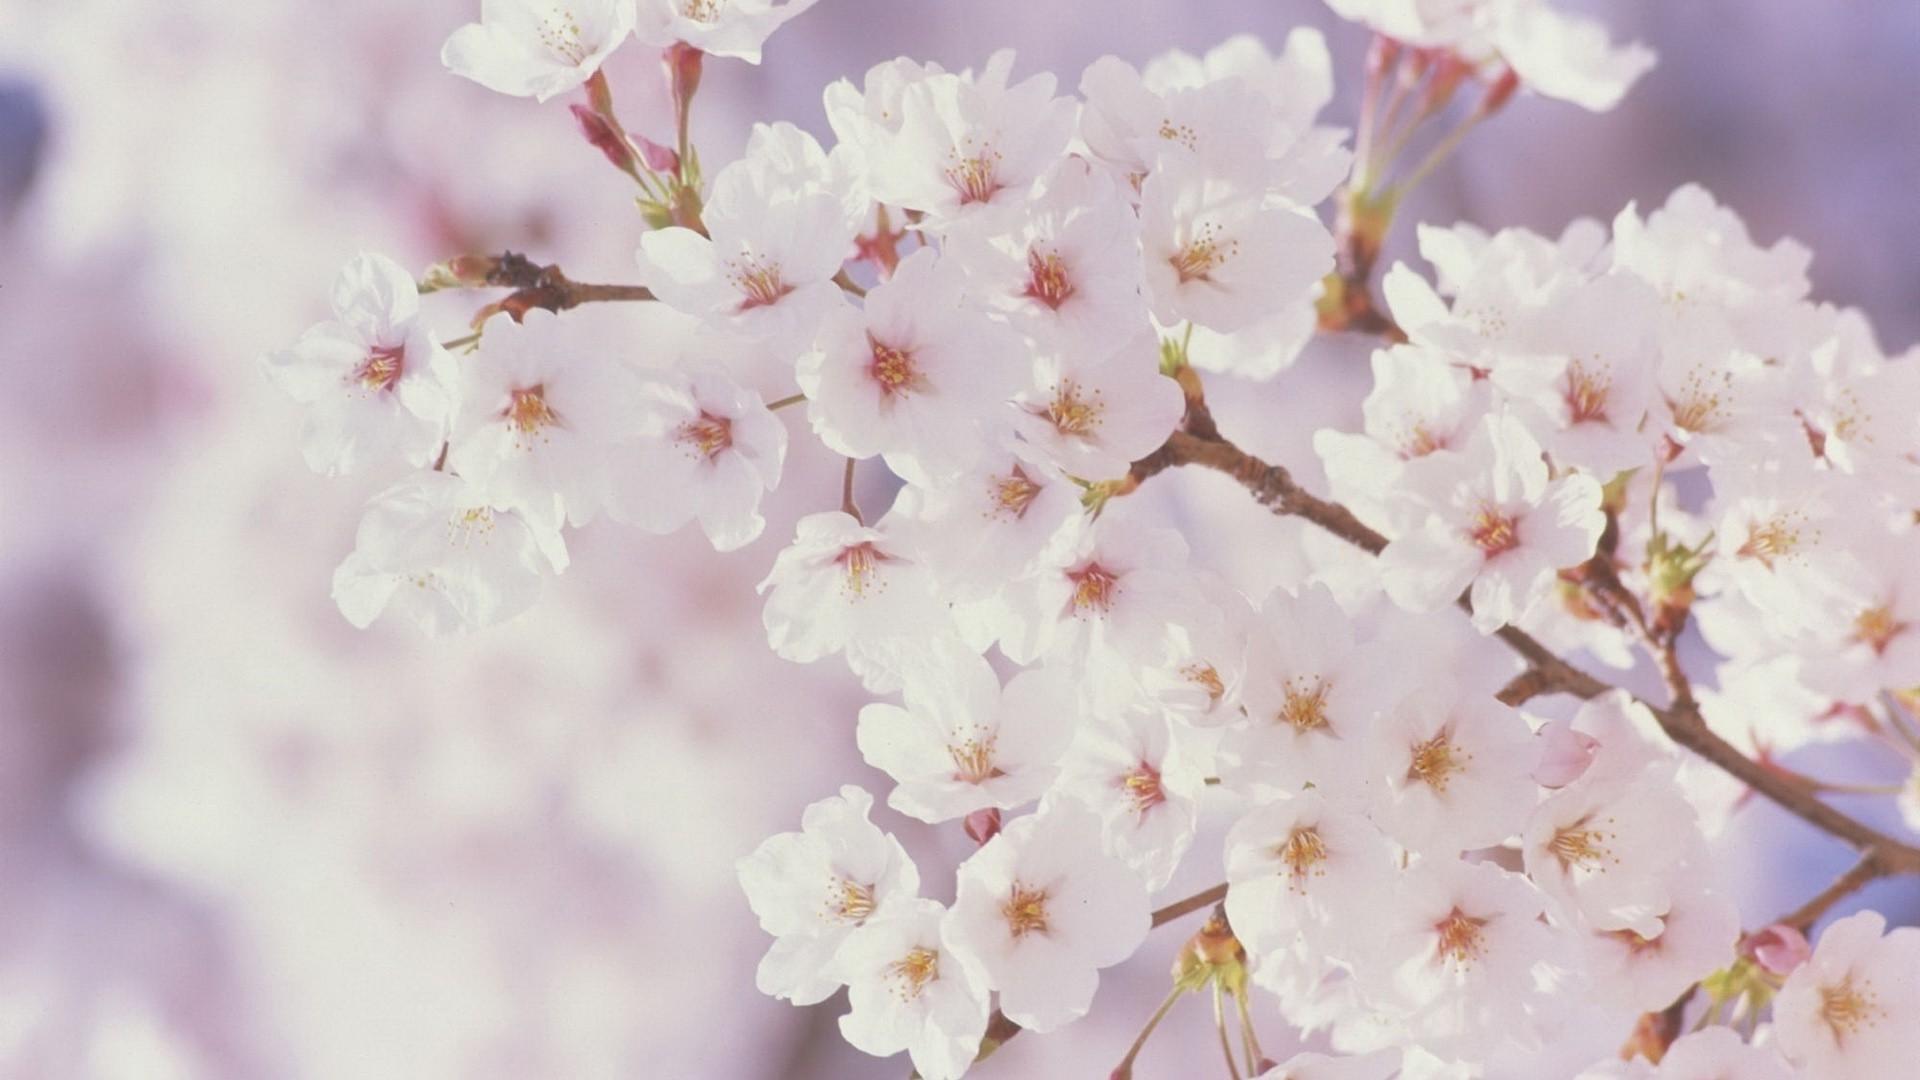 بالصور اكبر مجموعة من صور الورد الرائعة 20160712 1813